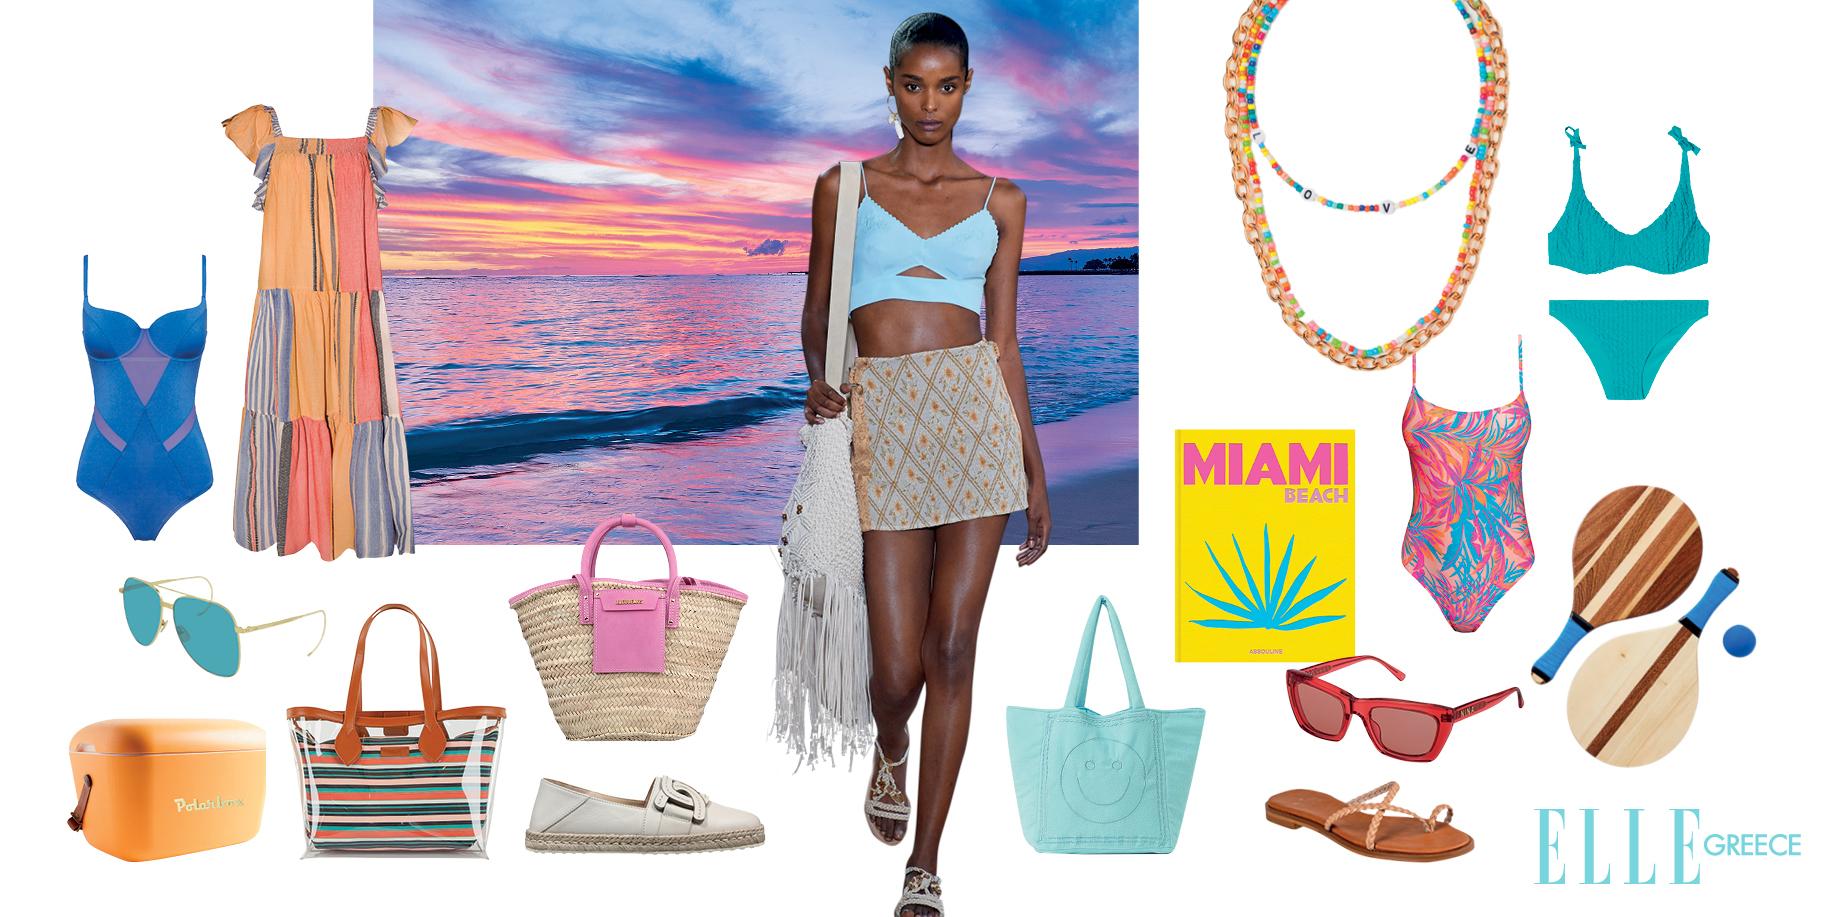 Τα μόνα items που χρειάζεσαι αν είσαι όλη μέρα στην παραλία Μαγιό, boho φορέματα, αδιάβροχα αξεσουάρ, σανδάλια και γυαλιά ηλίου. Μόνο αυτά χρειάζεσαι στο νησί σήμερα.